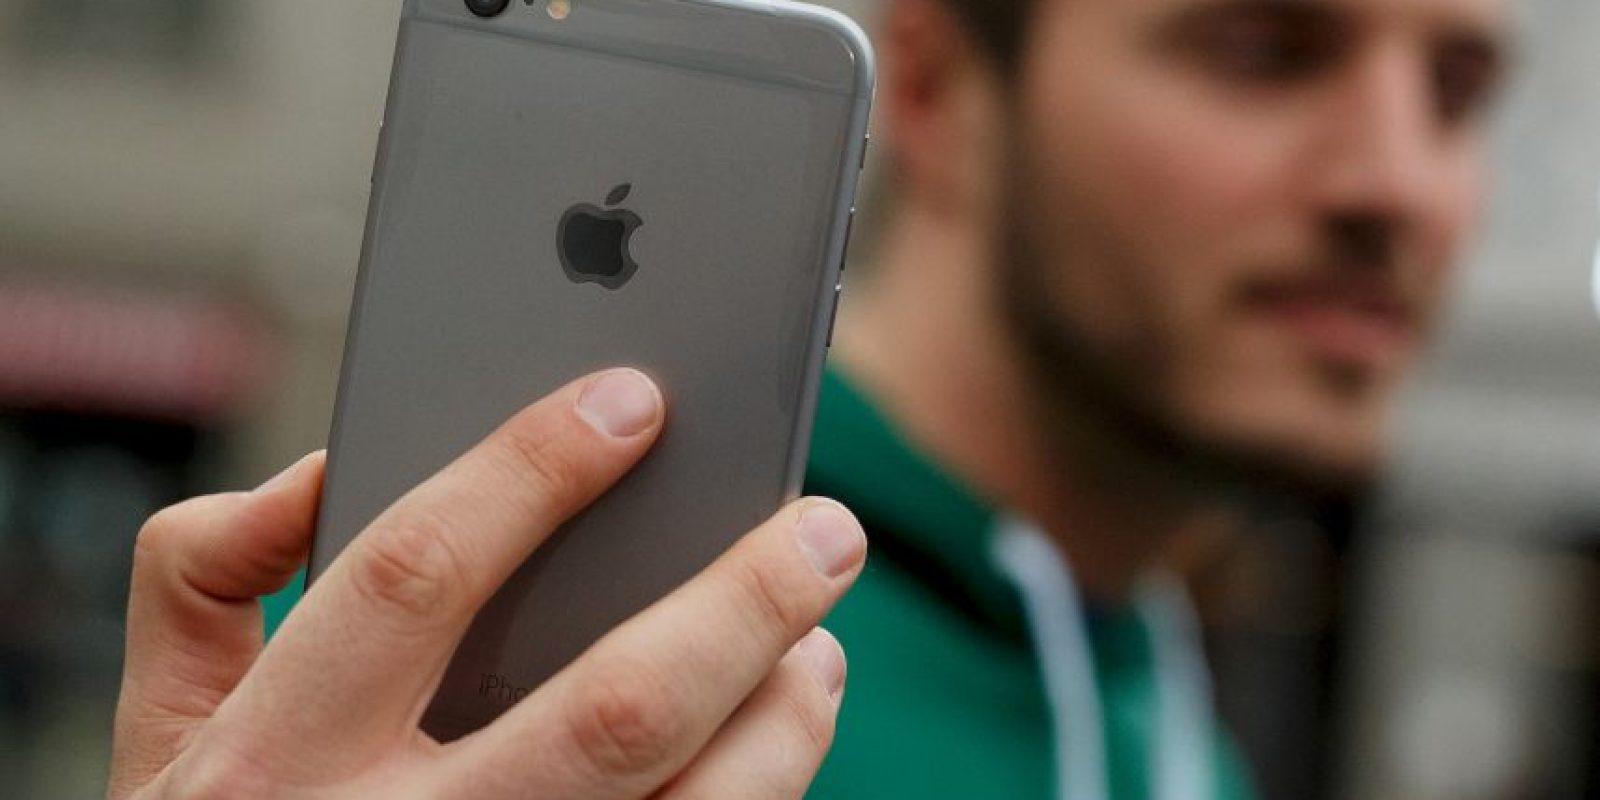 El nuevo iPhone 6 detecta las sonrisas y los parpadeos en modo ráfaga. Y también recomienda la mejor foto. Foto:Getty